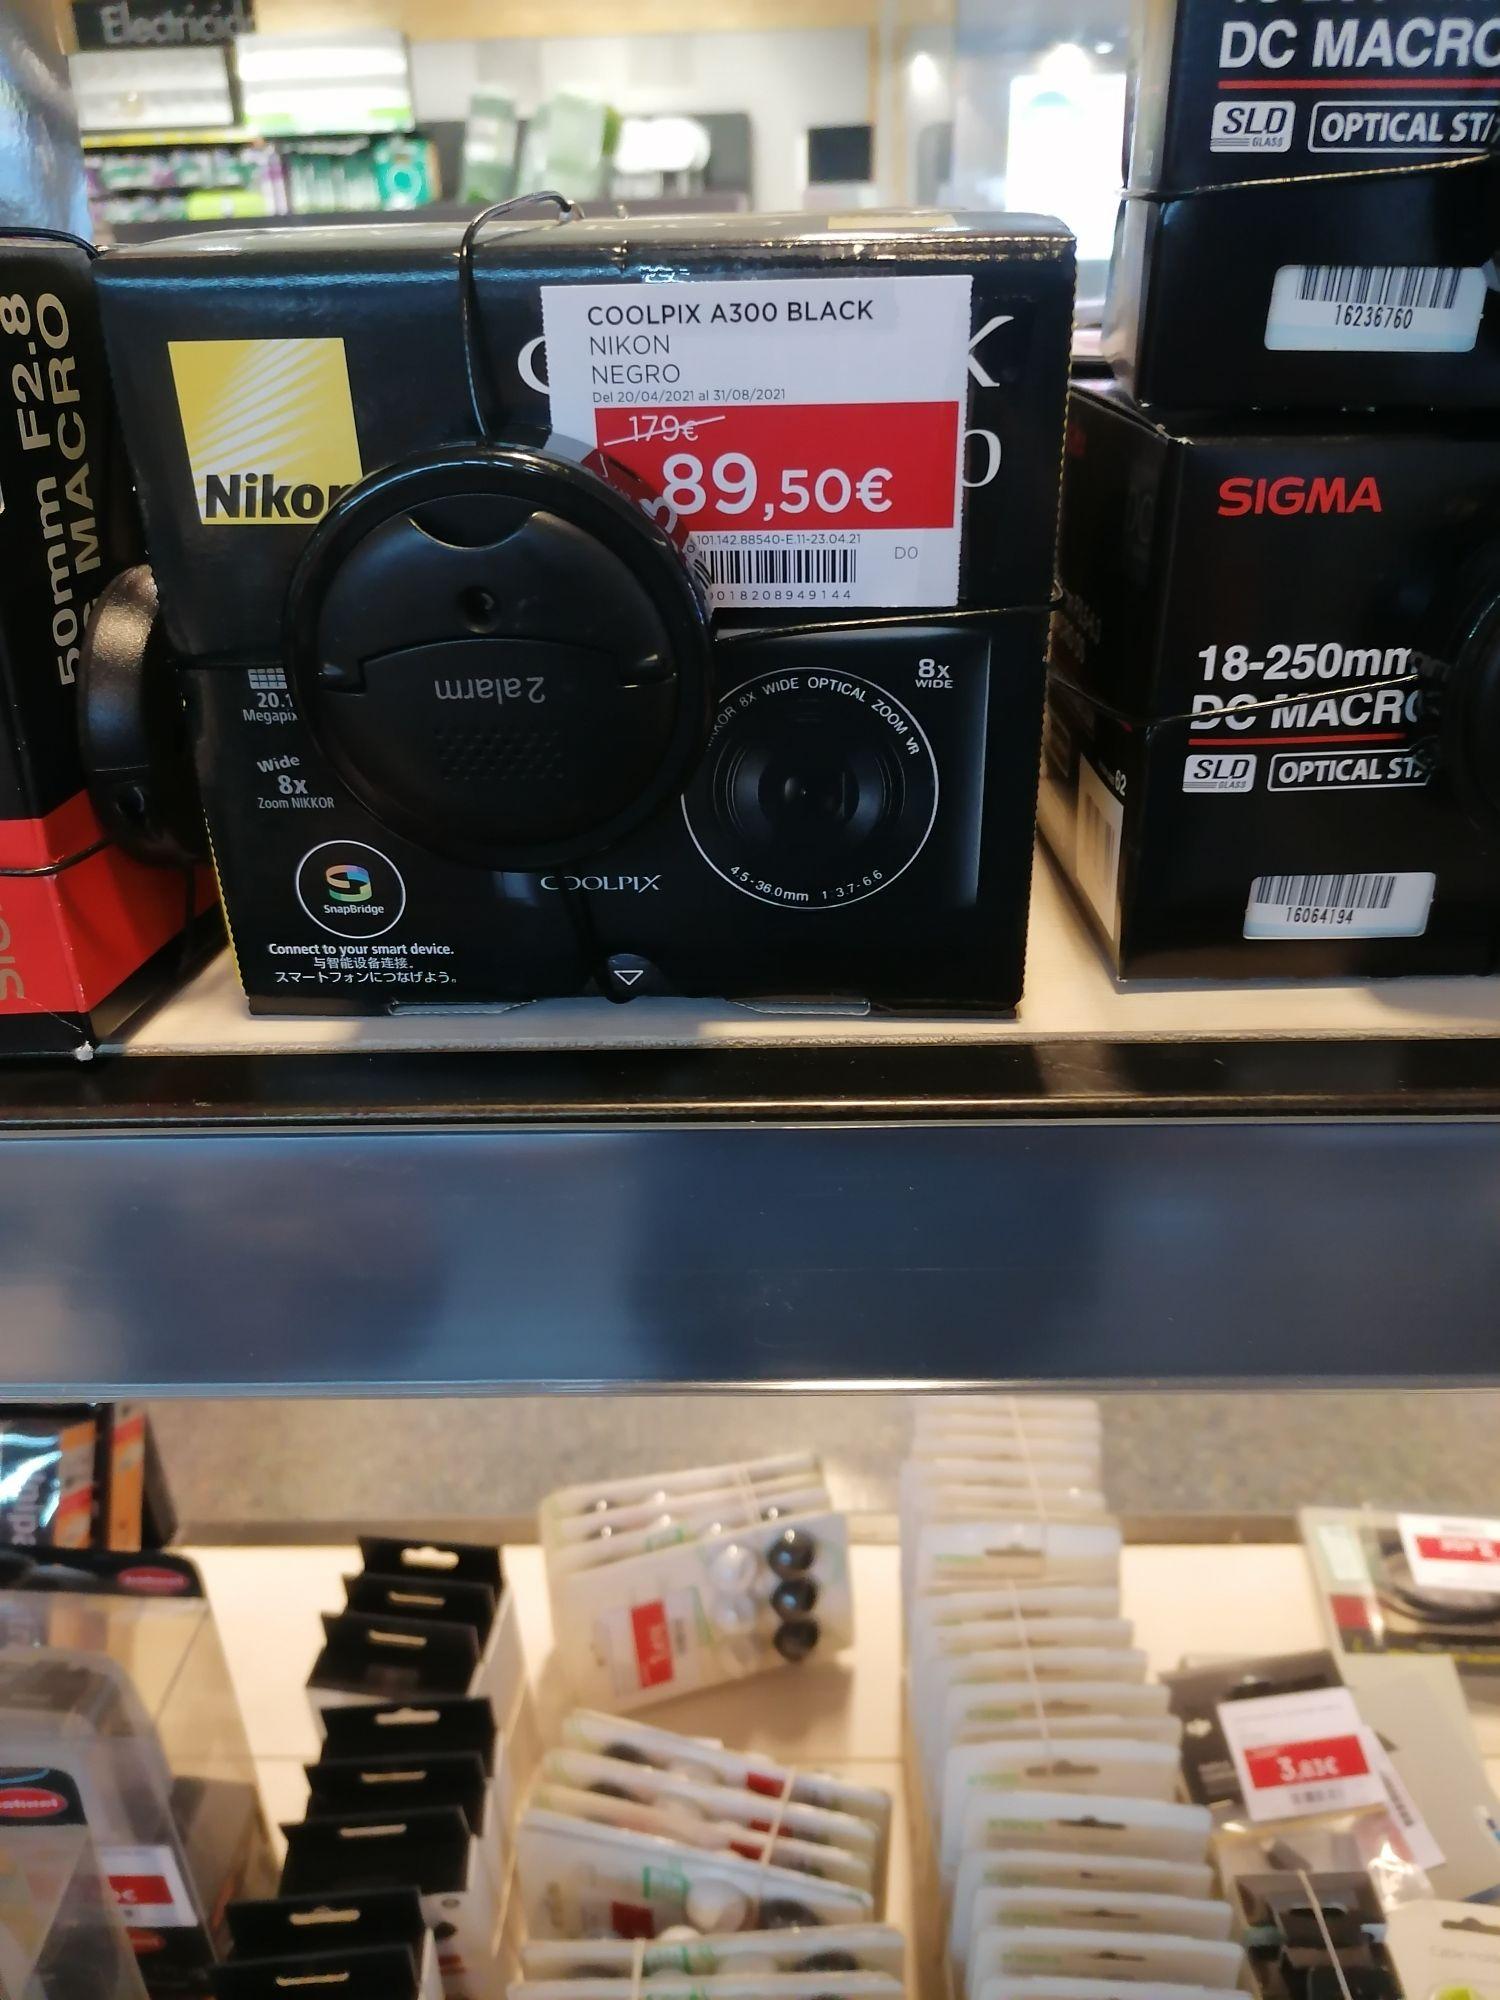 Nikon Coolpix A300 black en El Corte Inglés de Nervión en Sevilla